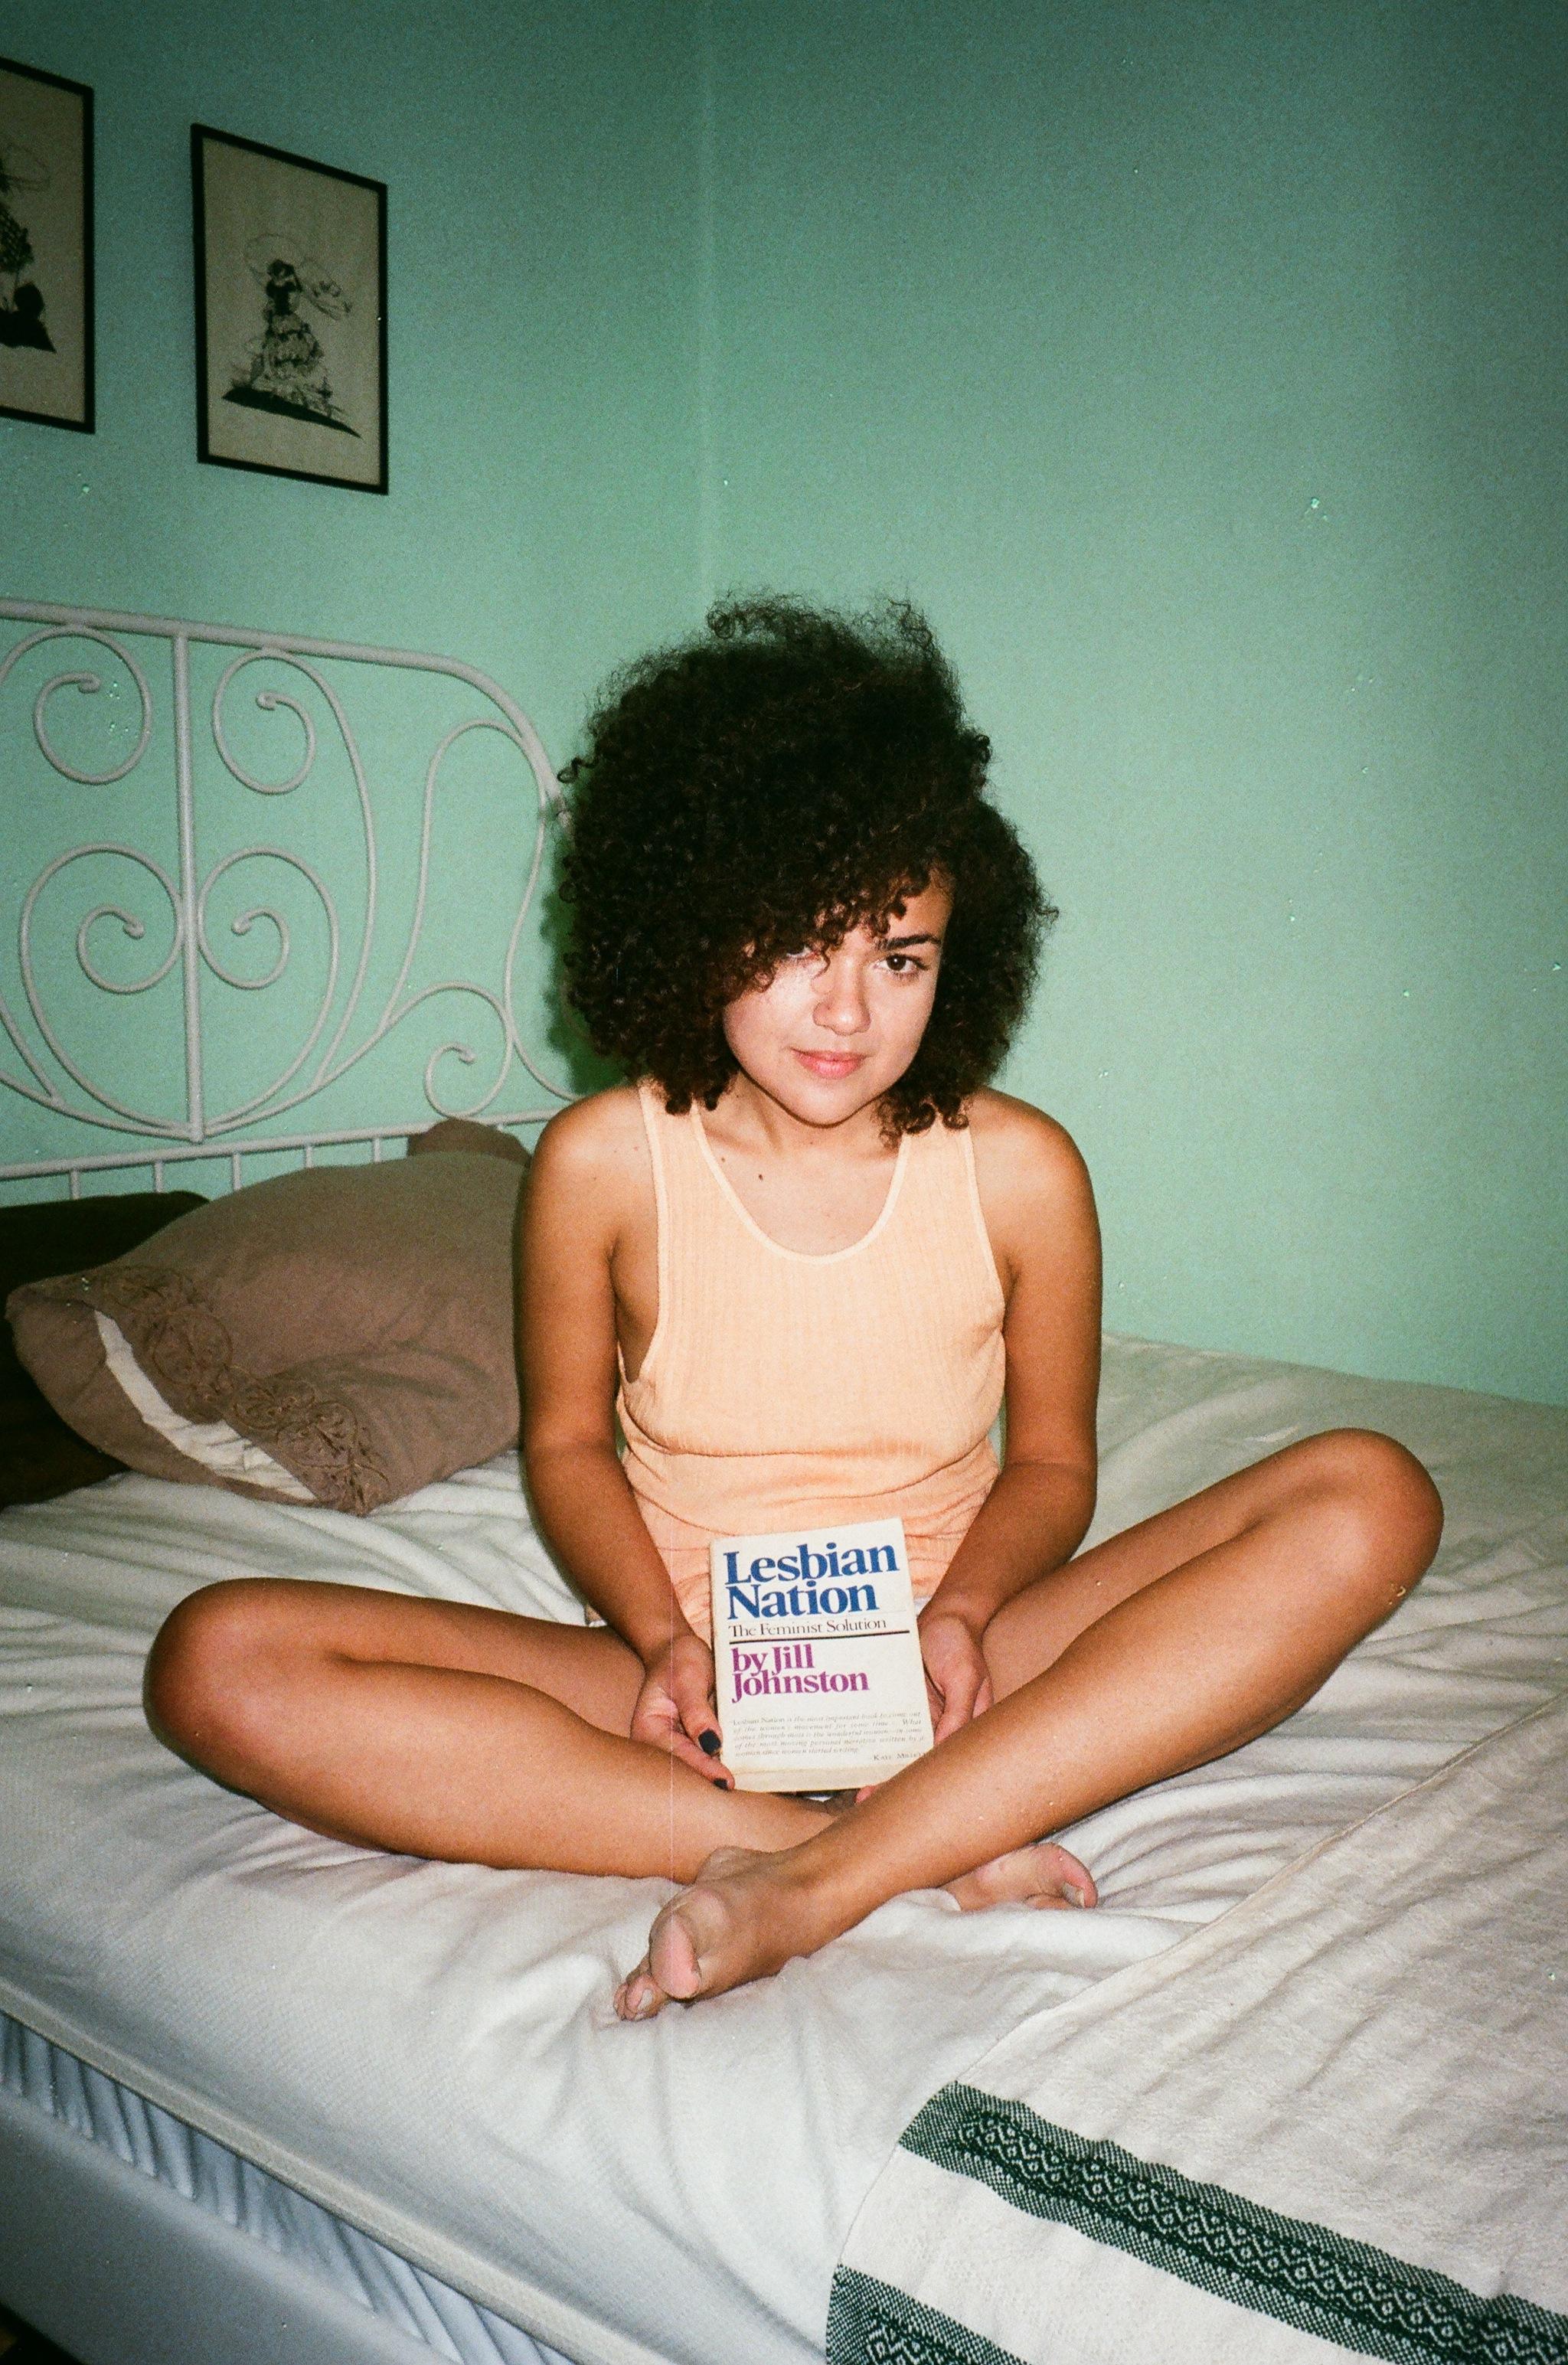 Curly Pubic Hair Around Lifestyle Underwear